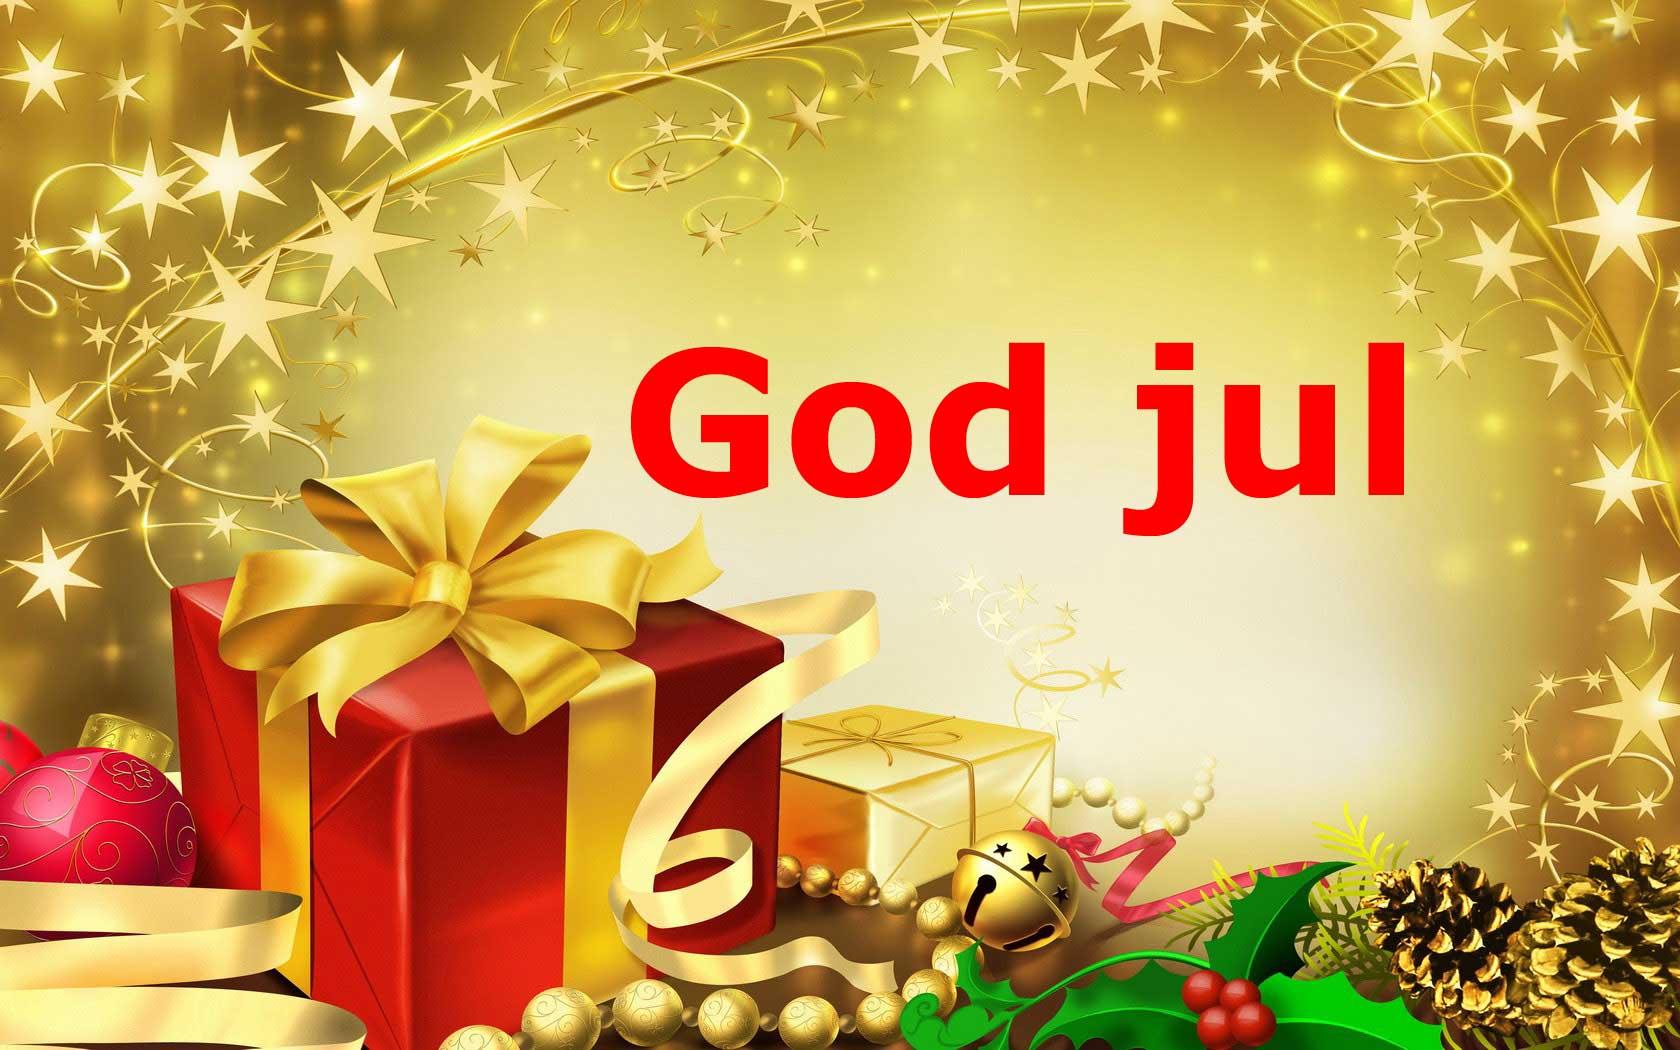 God Wallpaper Decor : God jul nordstrand idrettsforening